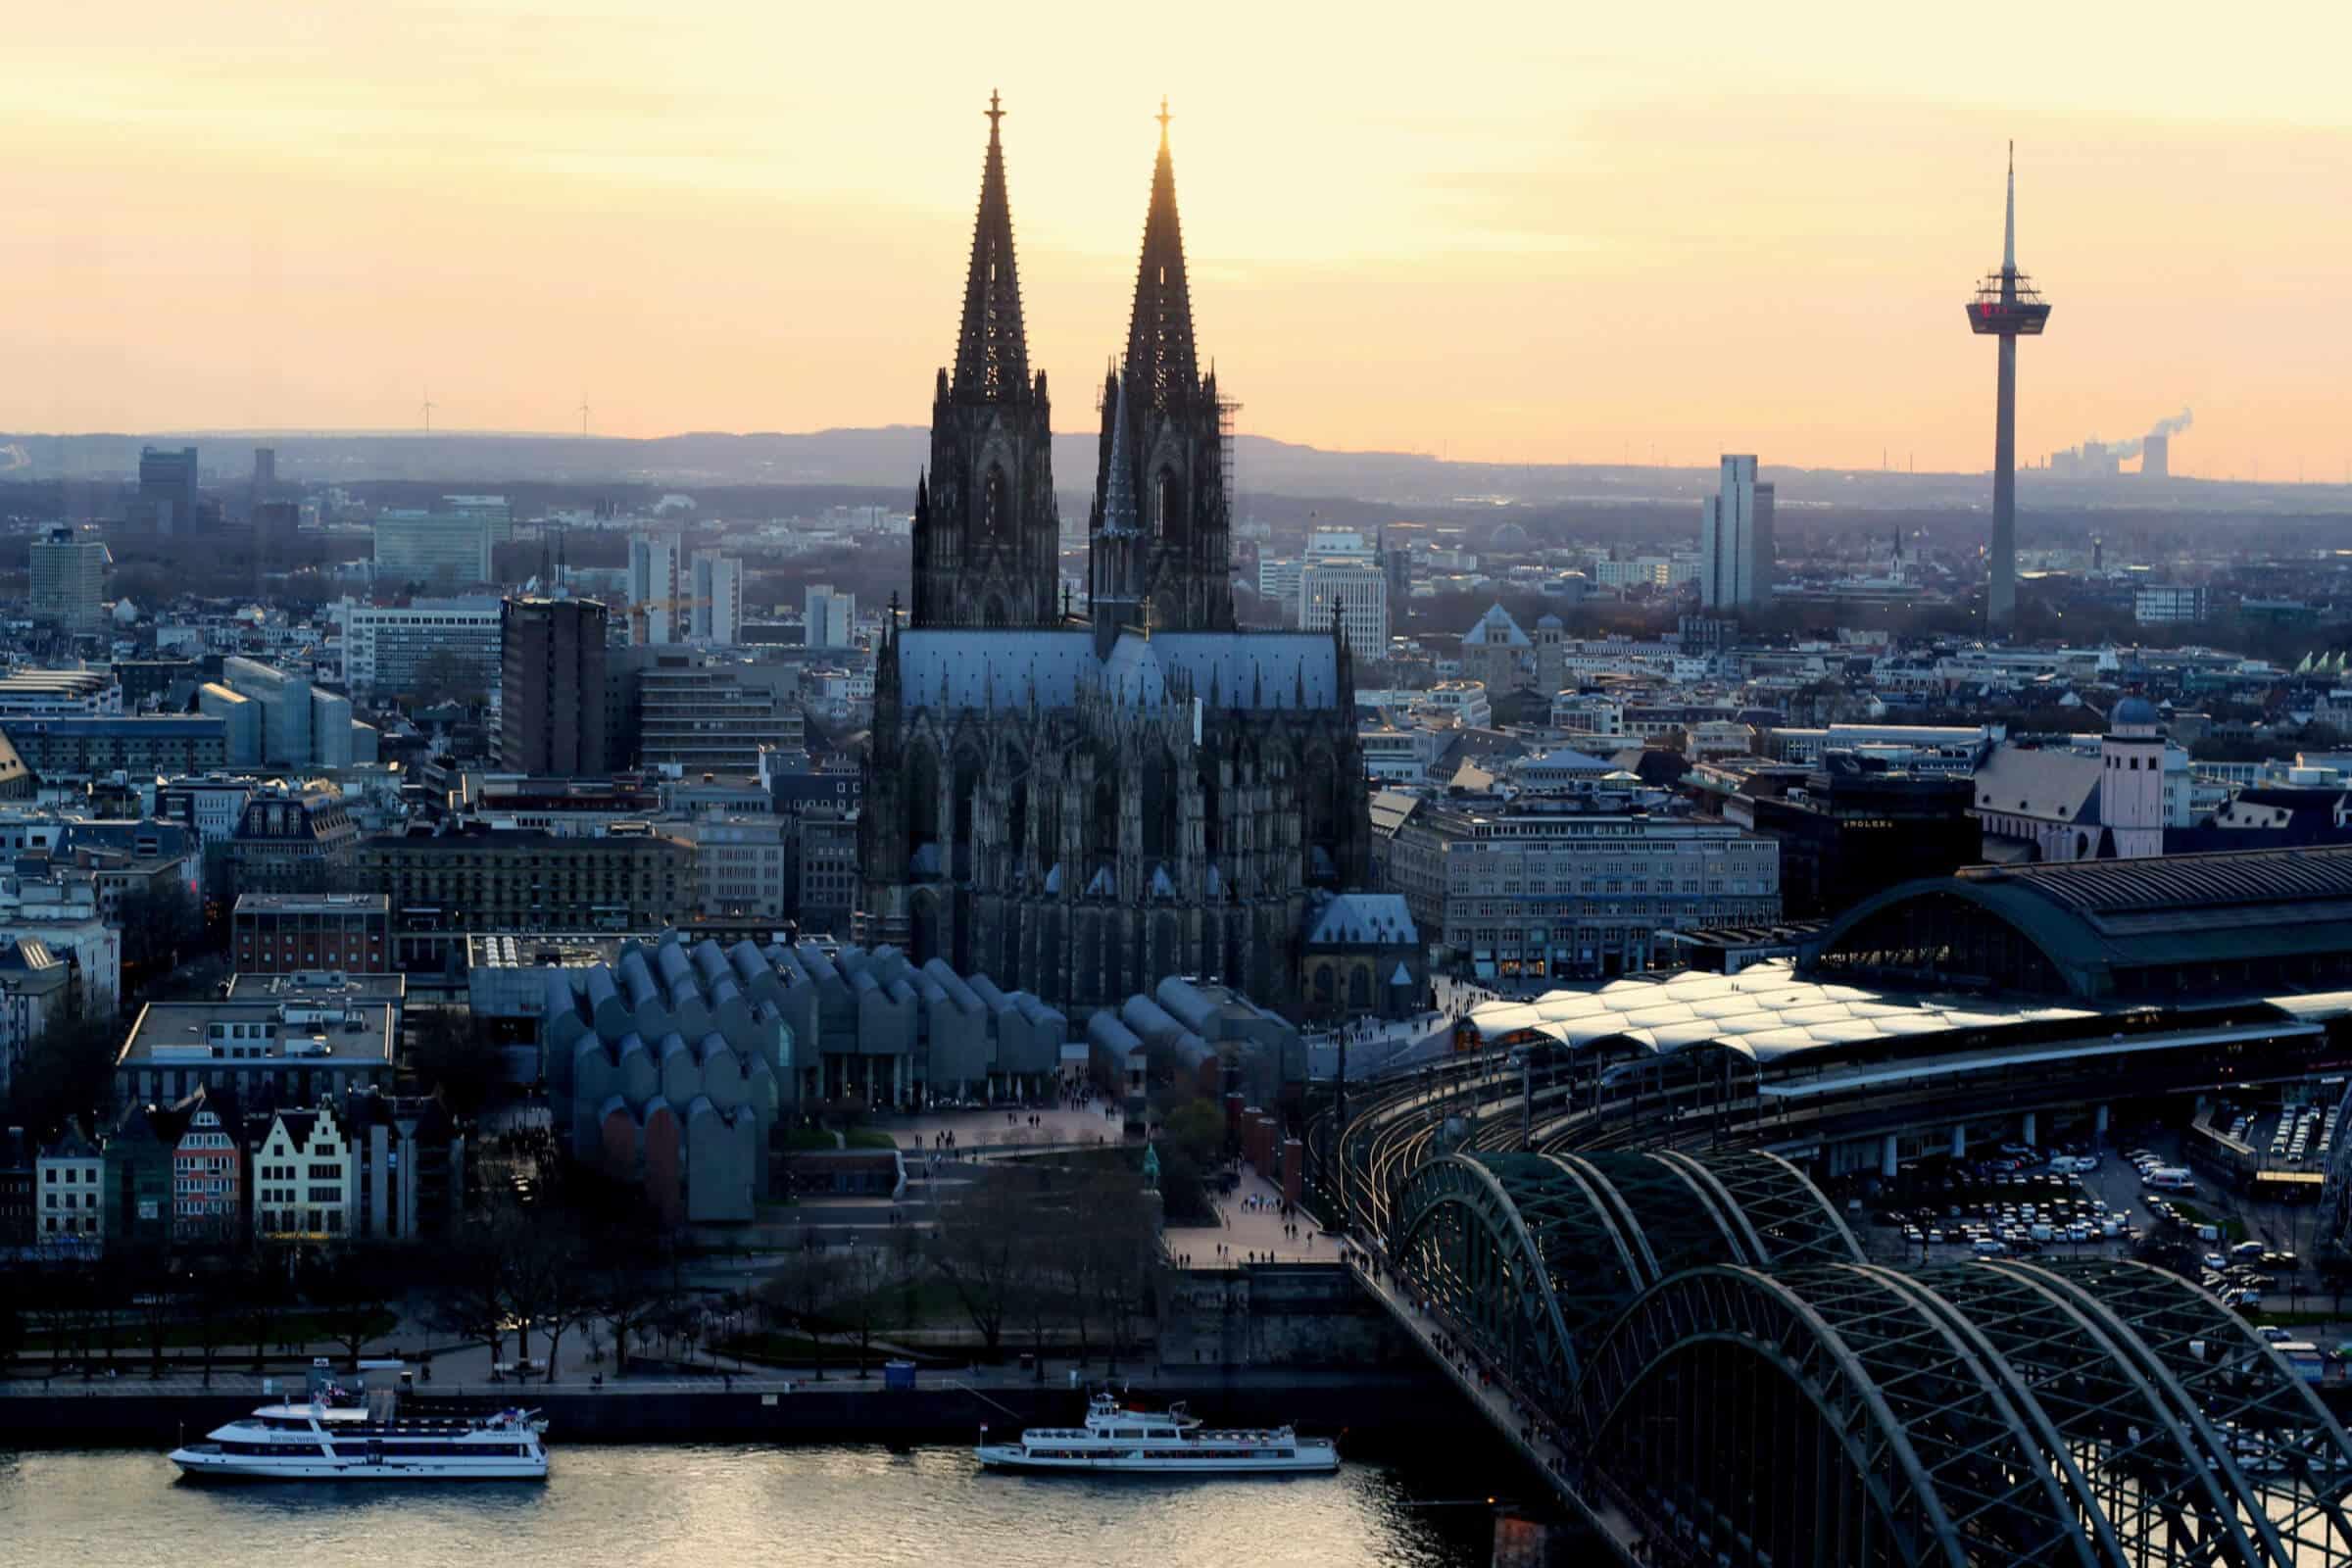 Sehenswürdigkeiten in Köln Sehenswertes in Köln Sightseeing in Köln